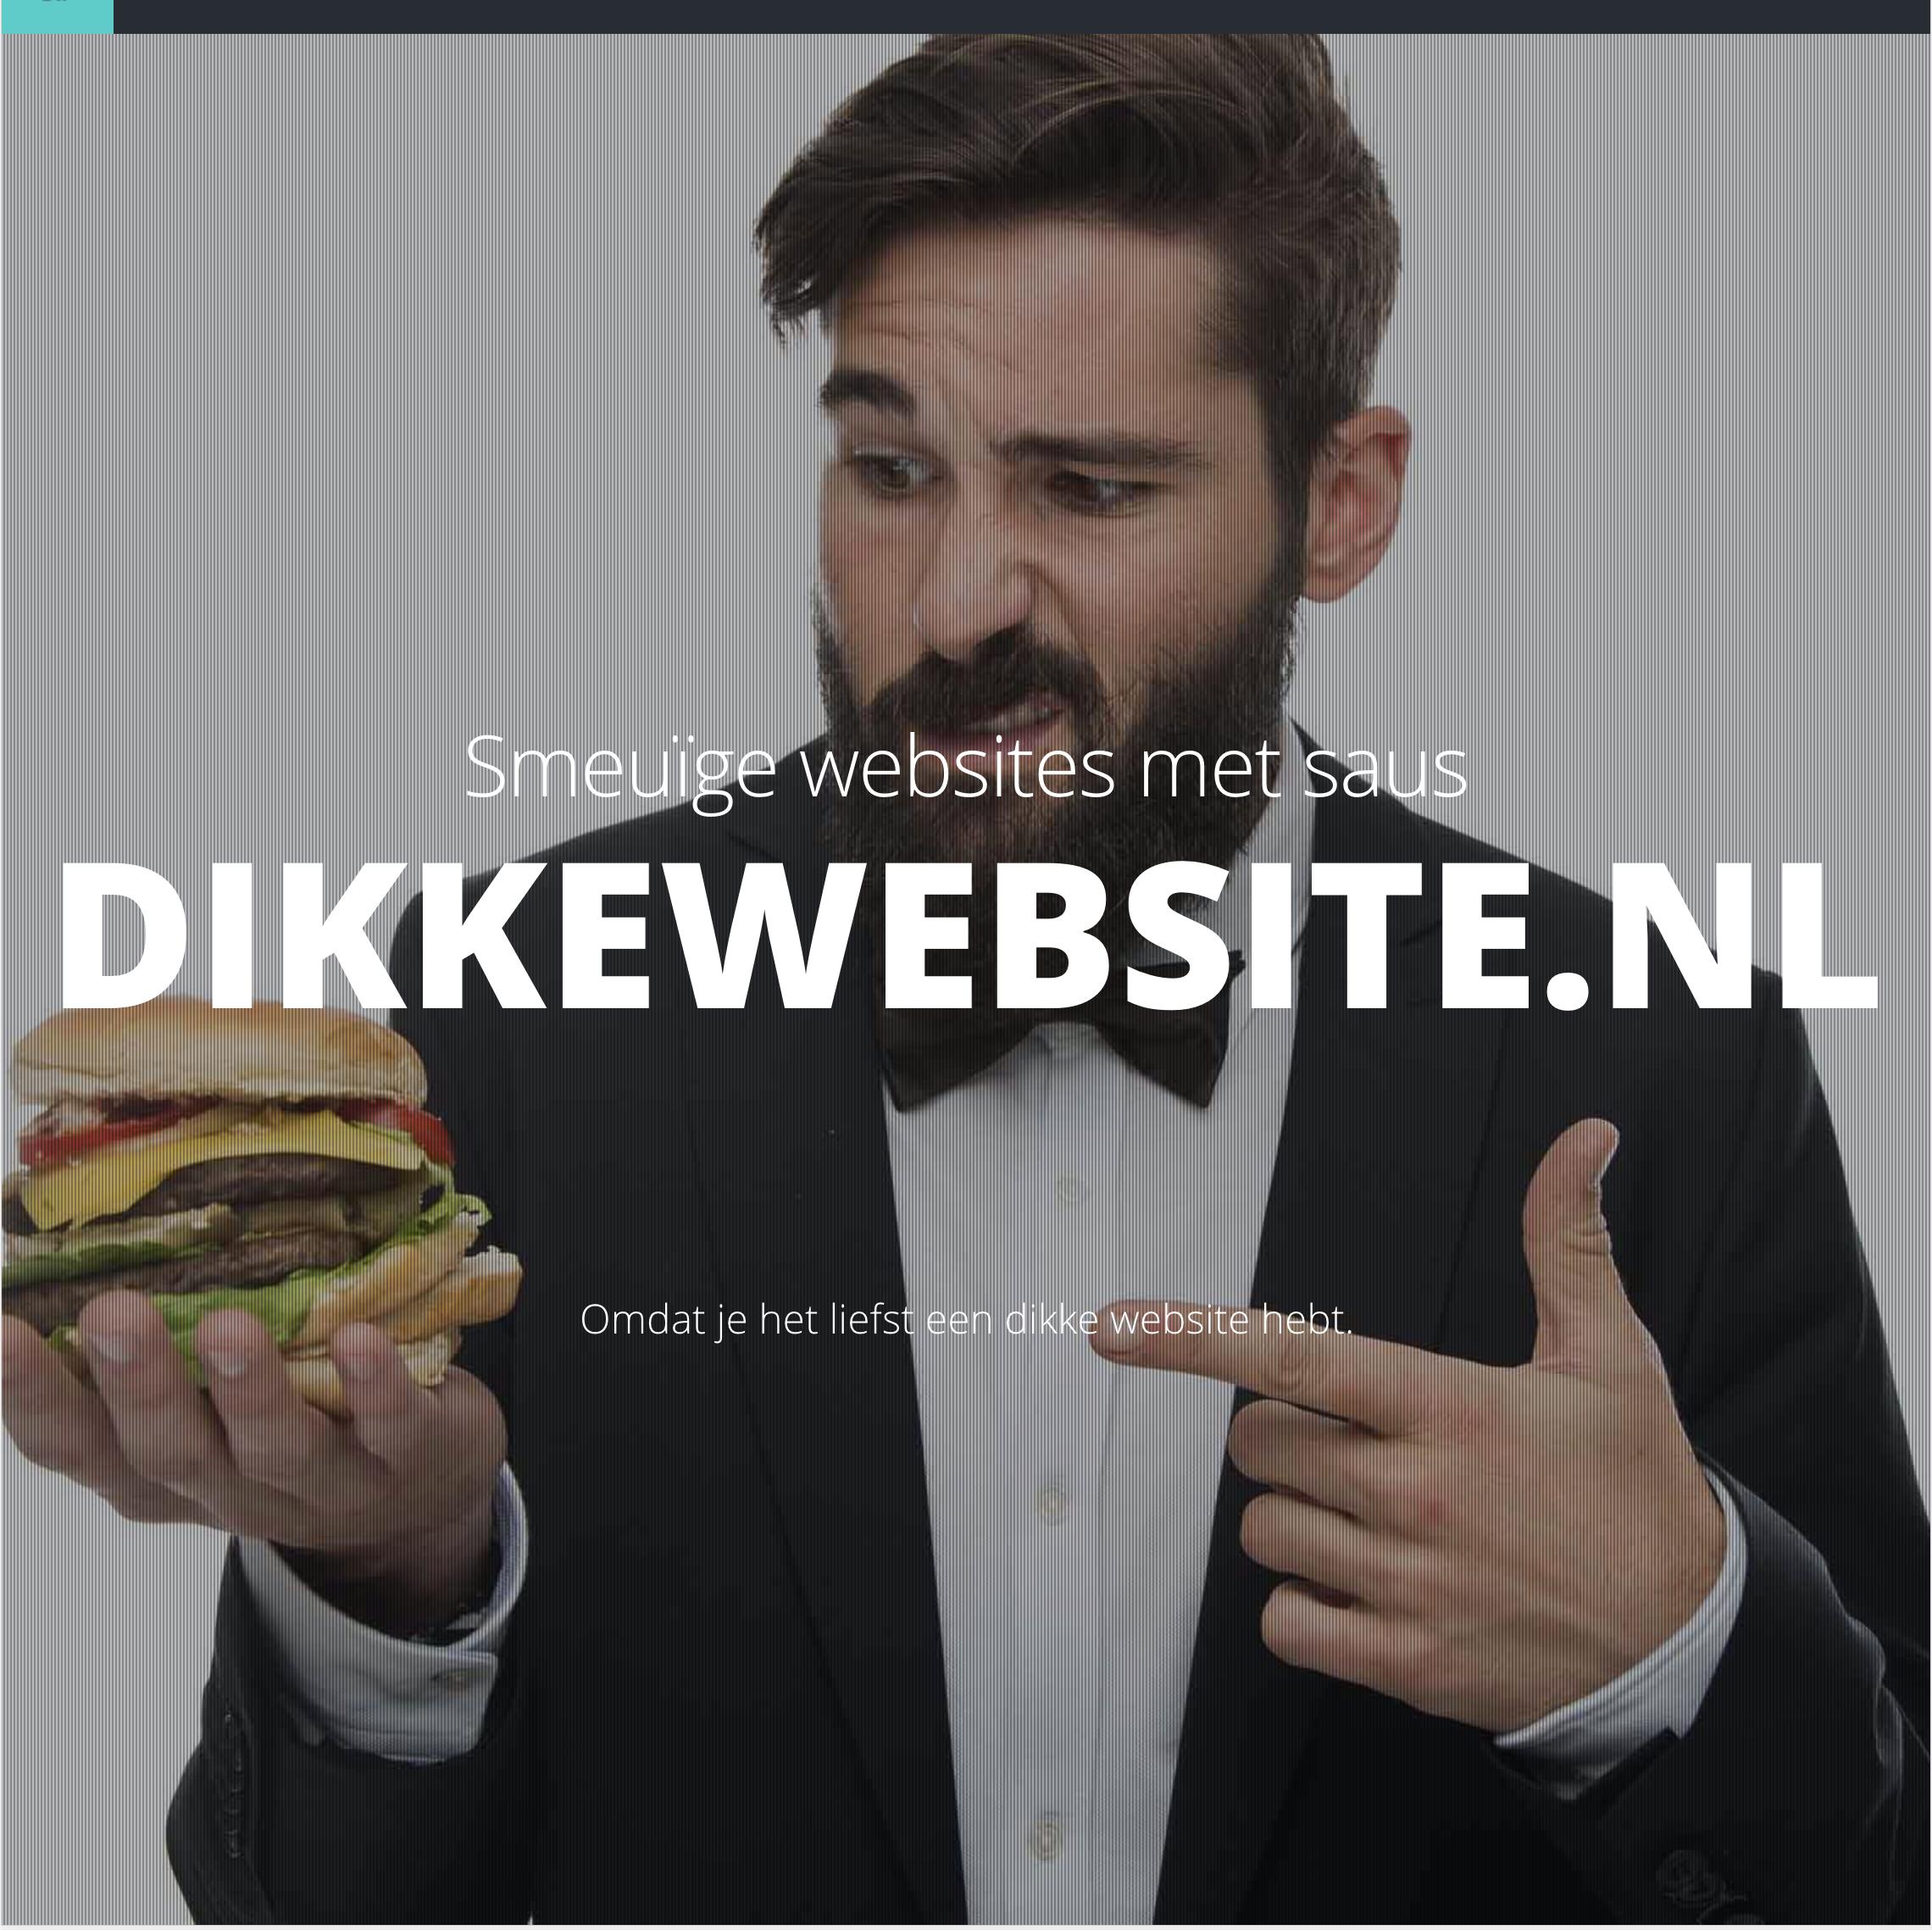 https://kingofconcepts.nl/wp-content/uploads/2020/05/Schermafbeelding-2020-05-12-om-17.49.51.png